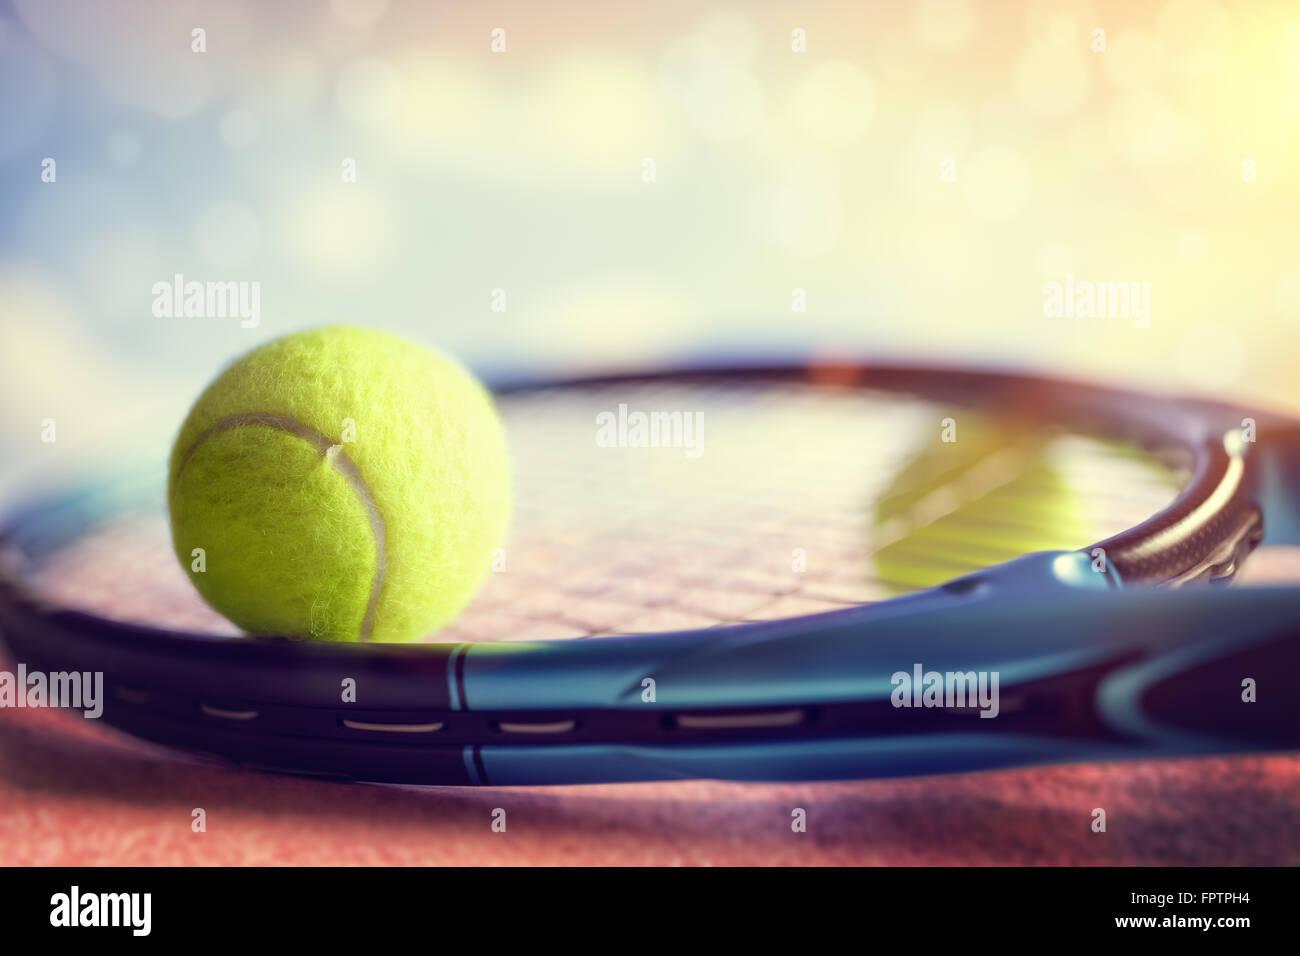 Pelota de Tenis que descansa encima de una raqueta de tenis en una corte de asfalto rojo Imagen De Stock